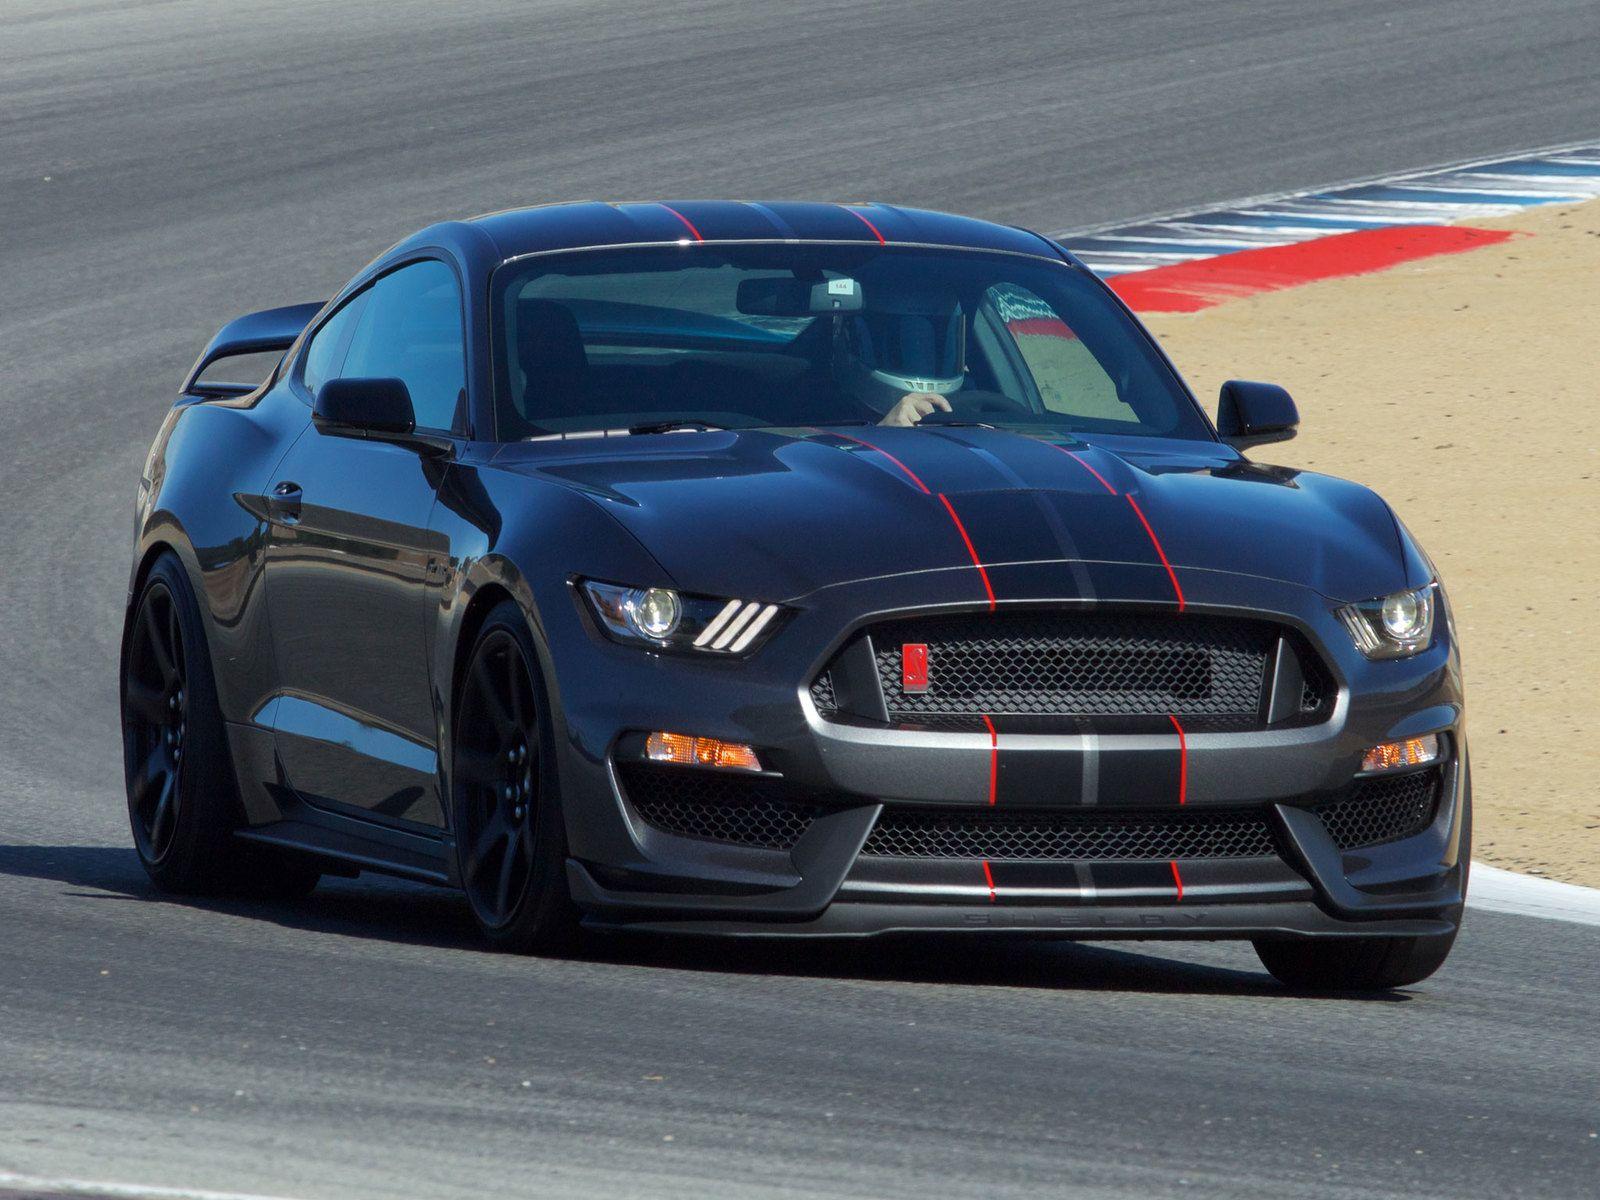 2016 Mustang 350 Gtr For